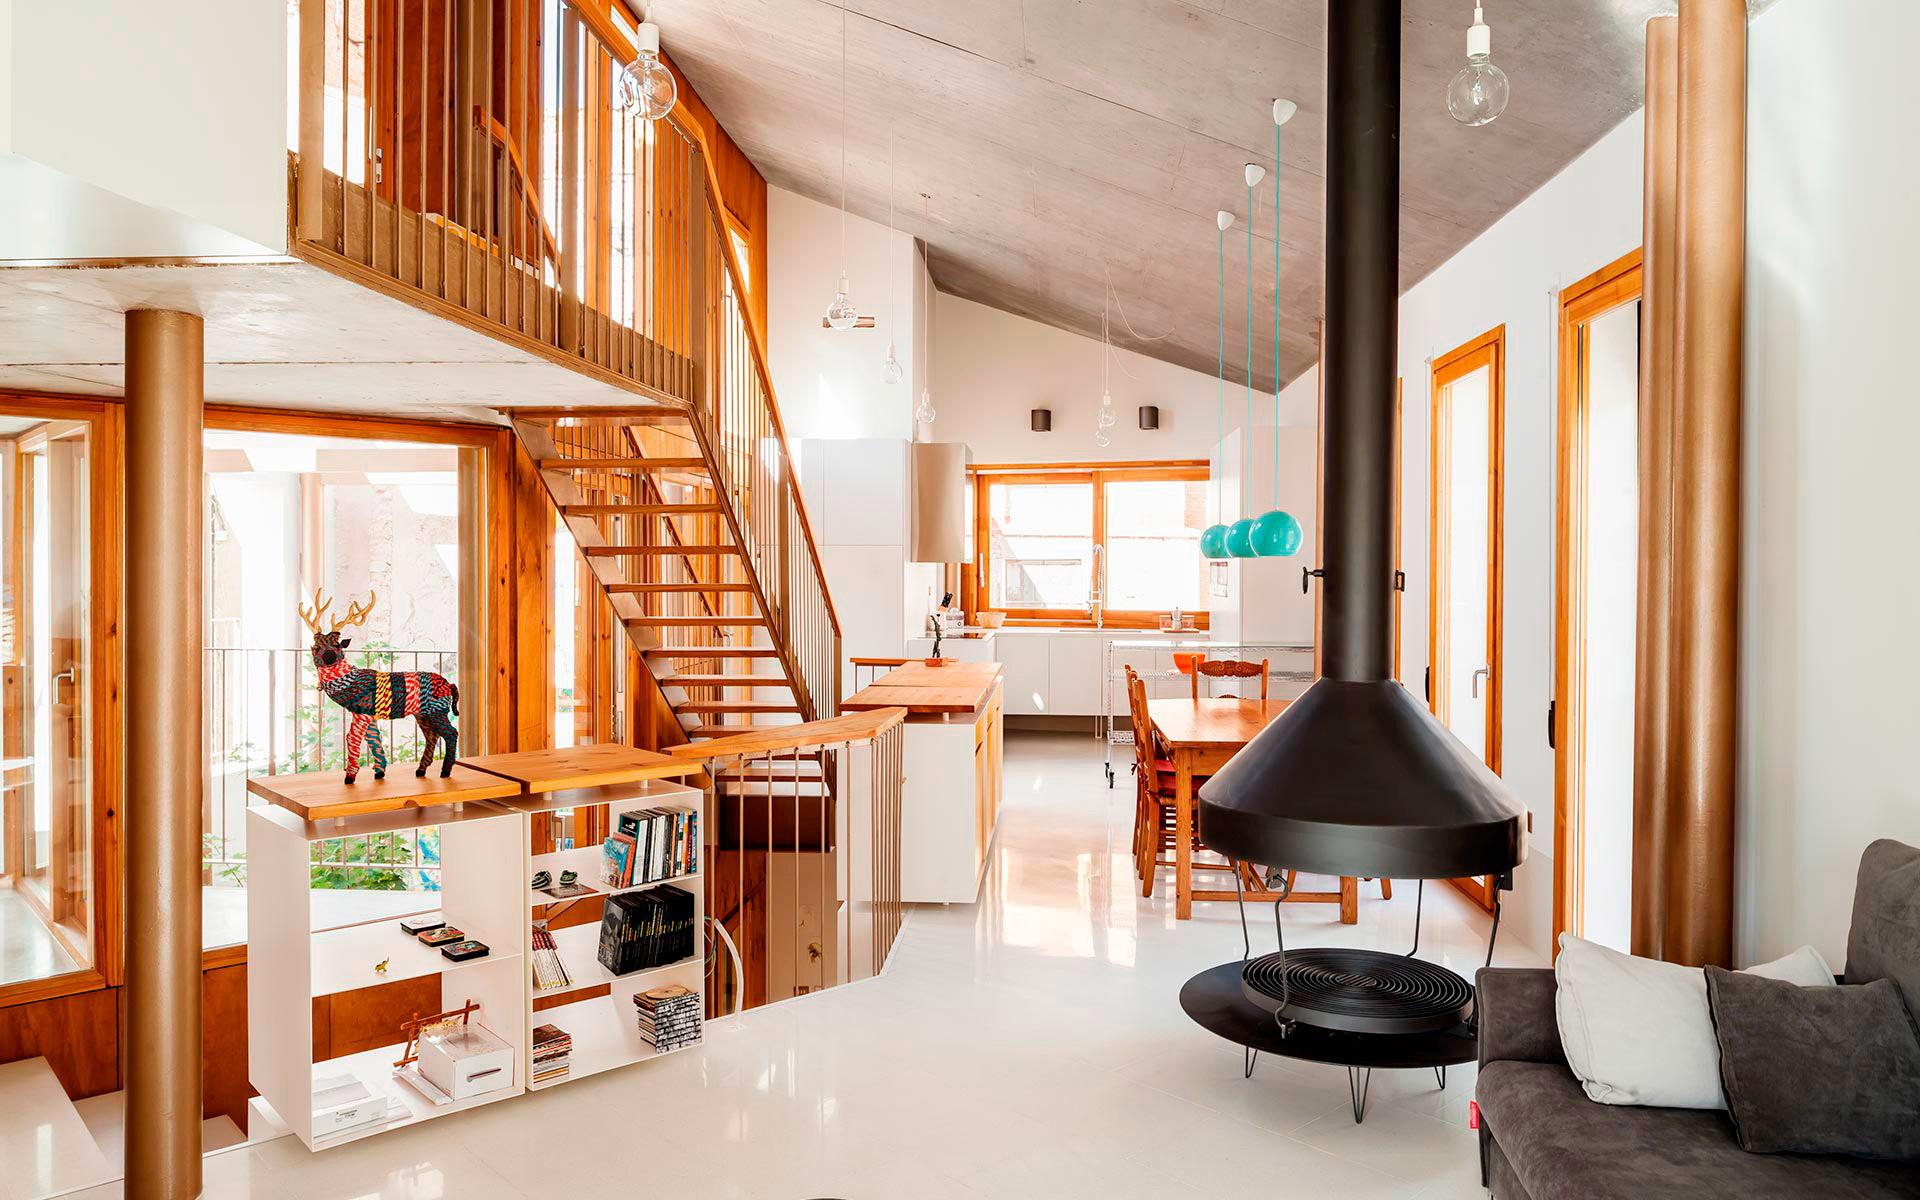 Diseño y climatización, dos claves en la eficiencia energética de la vivienda